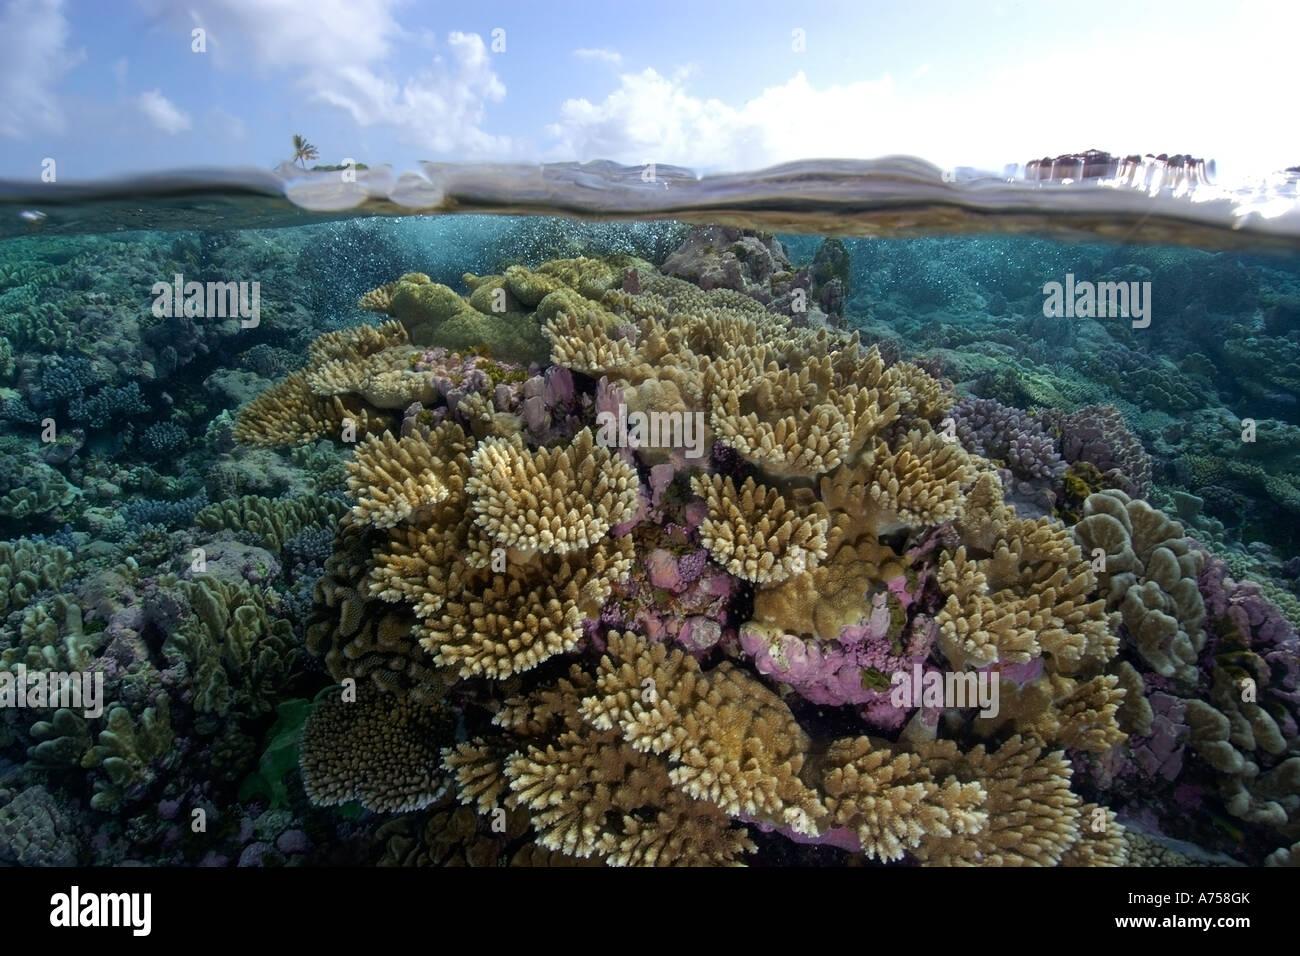 Immagine sdoppiata di immacolata barriera corallina e sky Rongelap atollo delle Isole Marshall Micronesia Immagini Stock